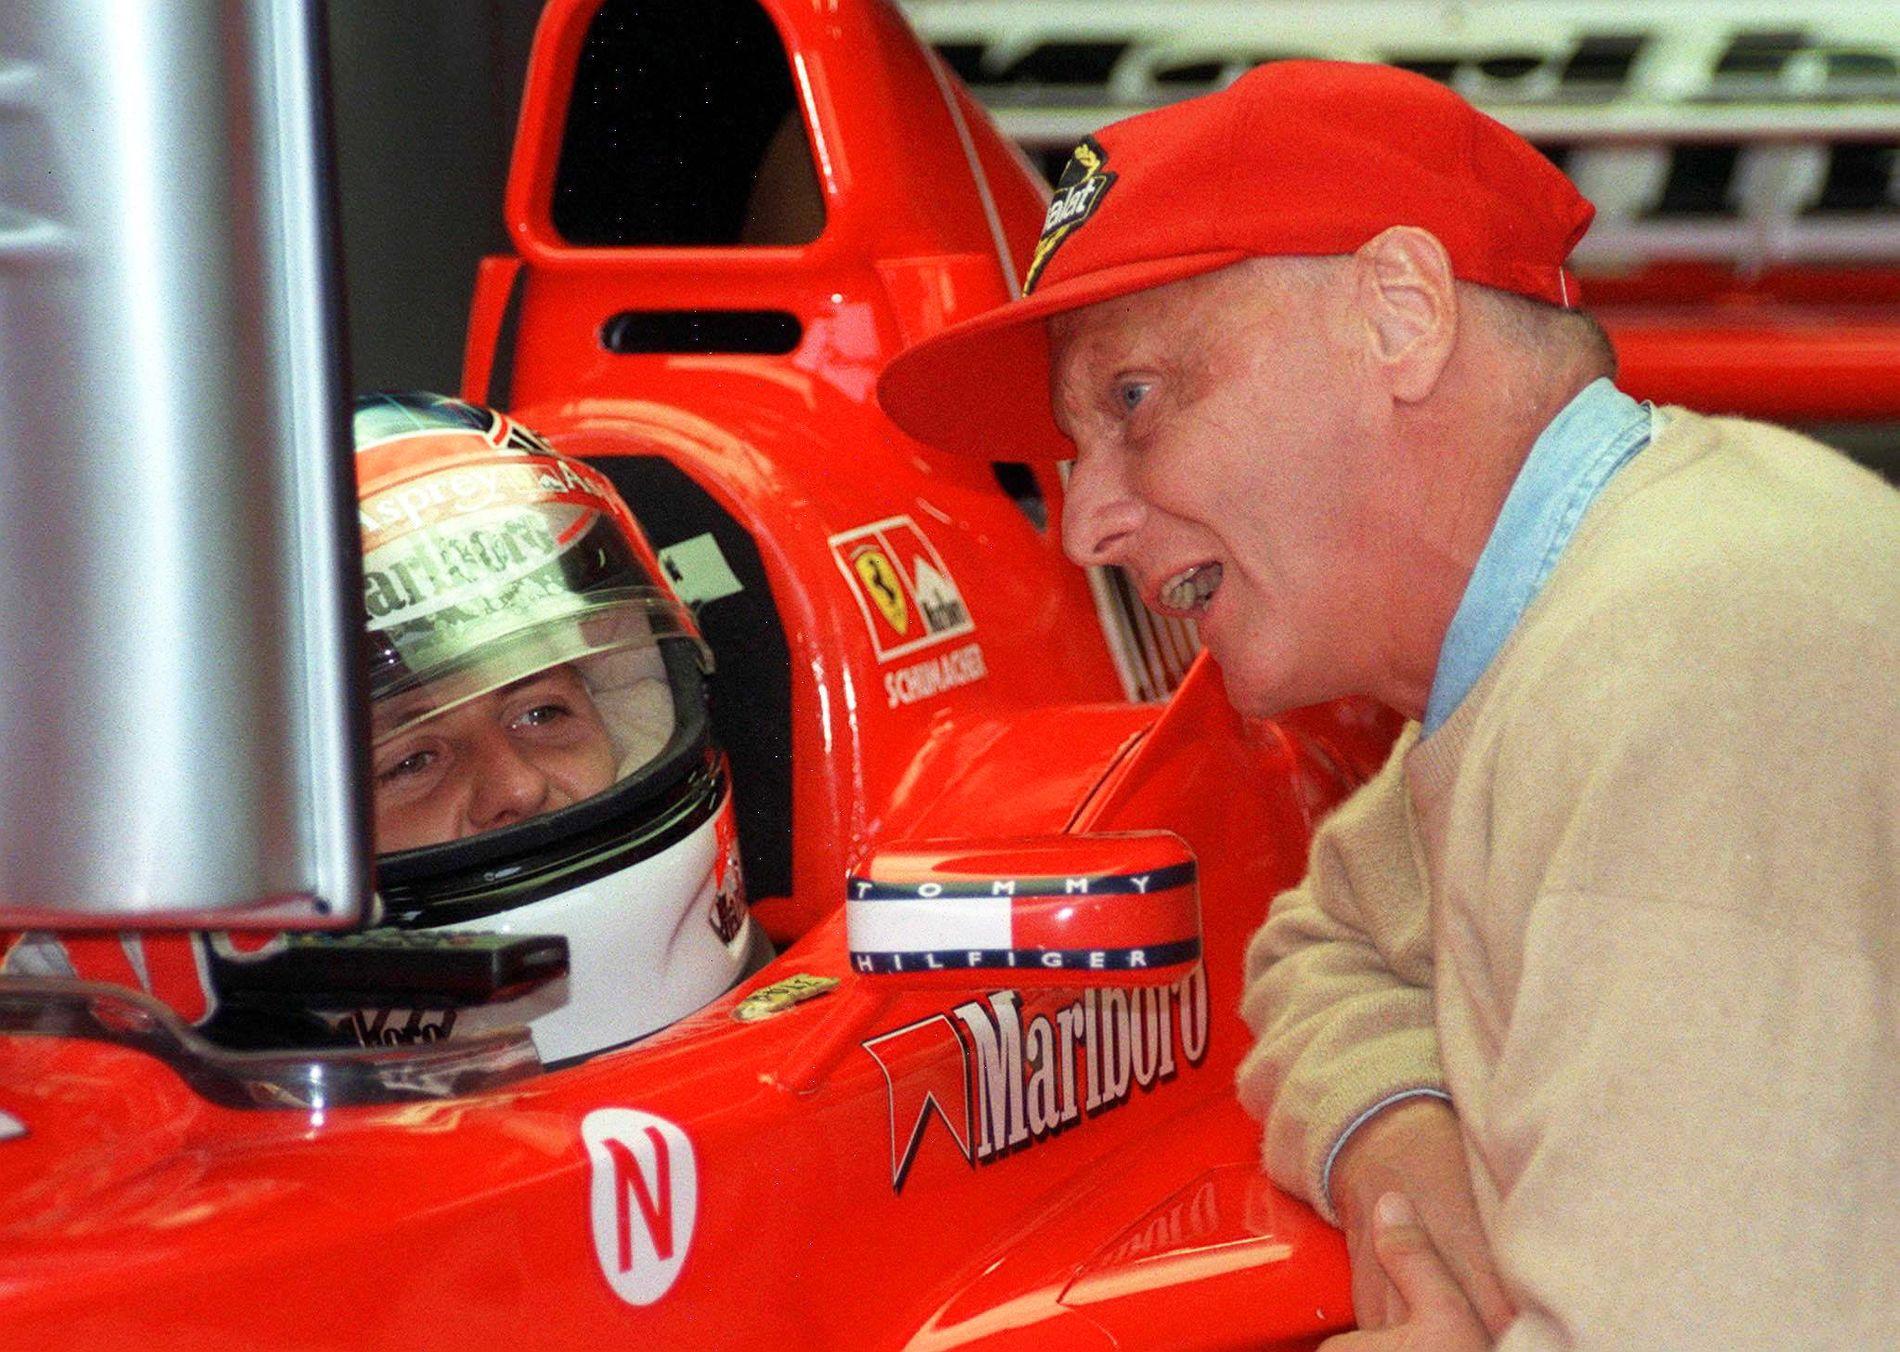 TO LEGENDER: Den tyske Formel 1-føreren Michael Schumacher sitter i sin Ferrari mens Niki Lauda slår av en prat med ham før det Østerrike Grand Prix i 1998.